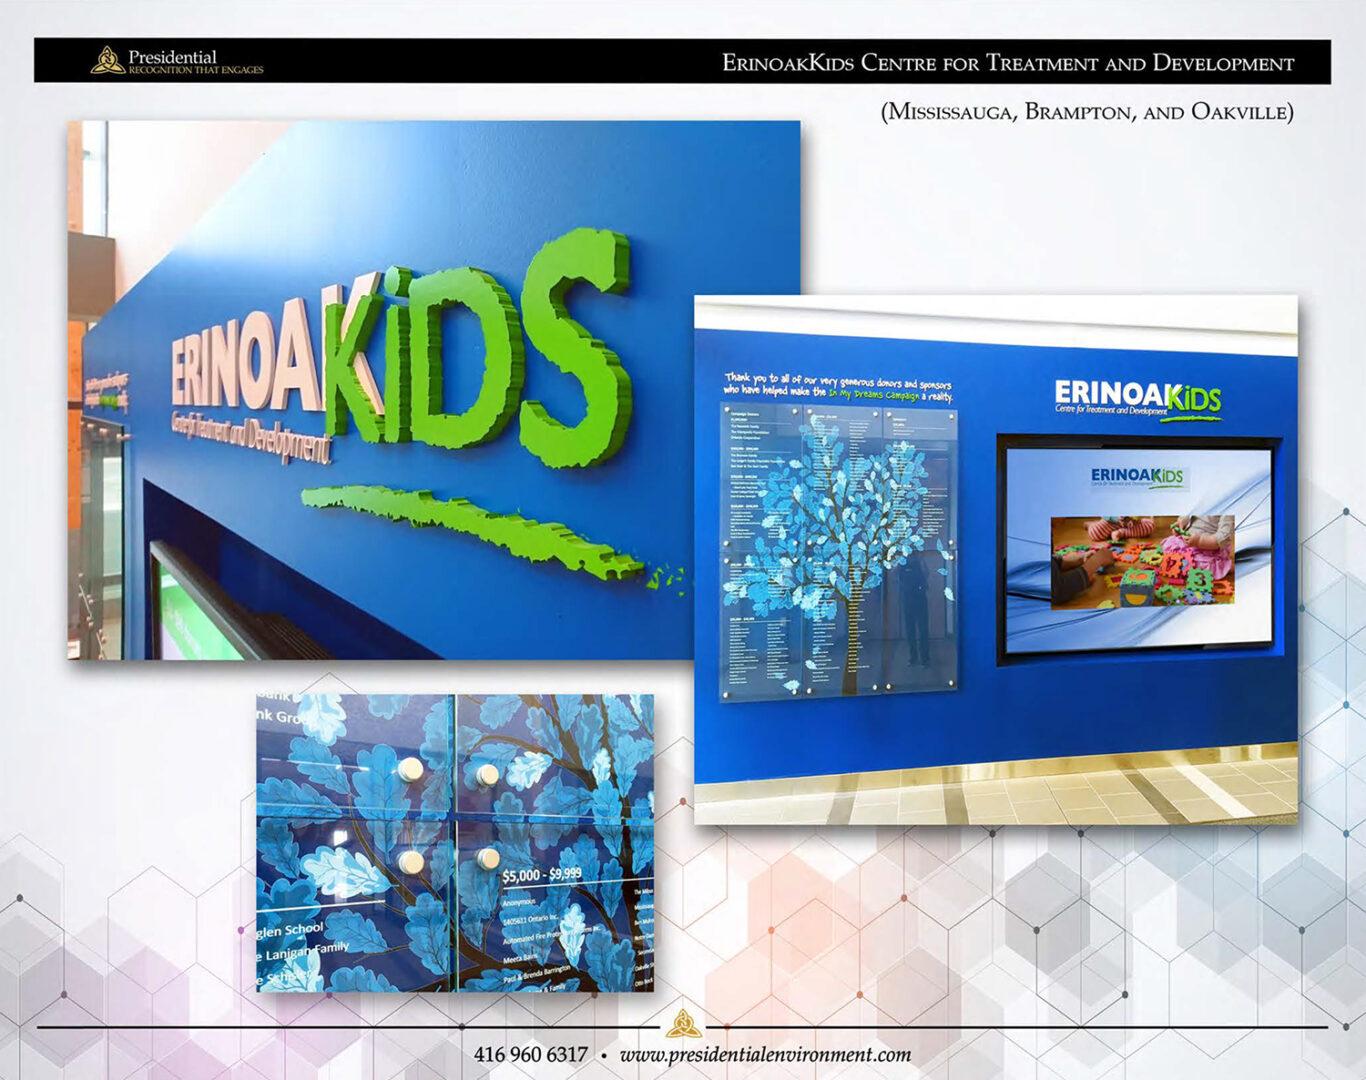 Erinoak Kids